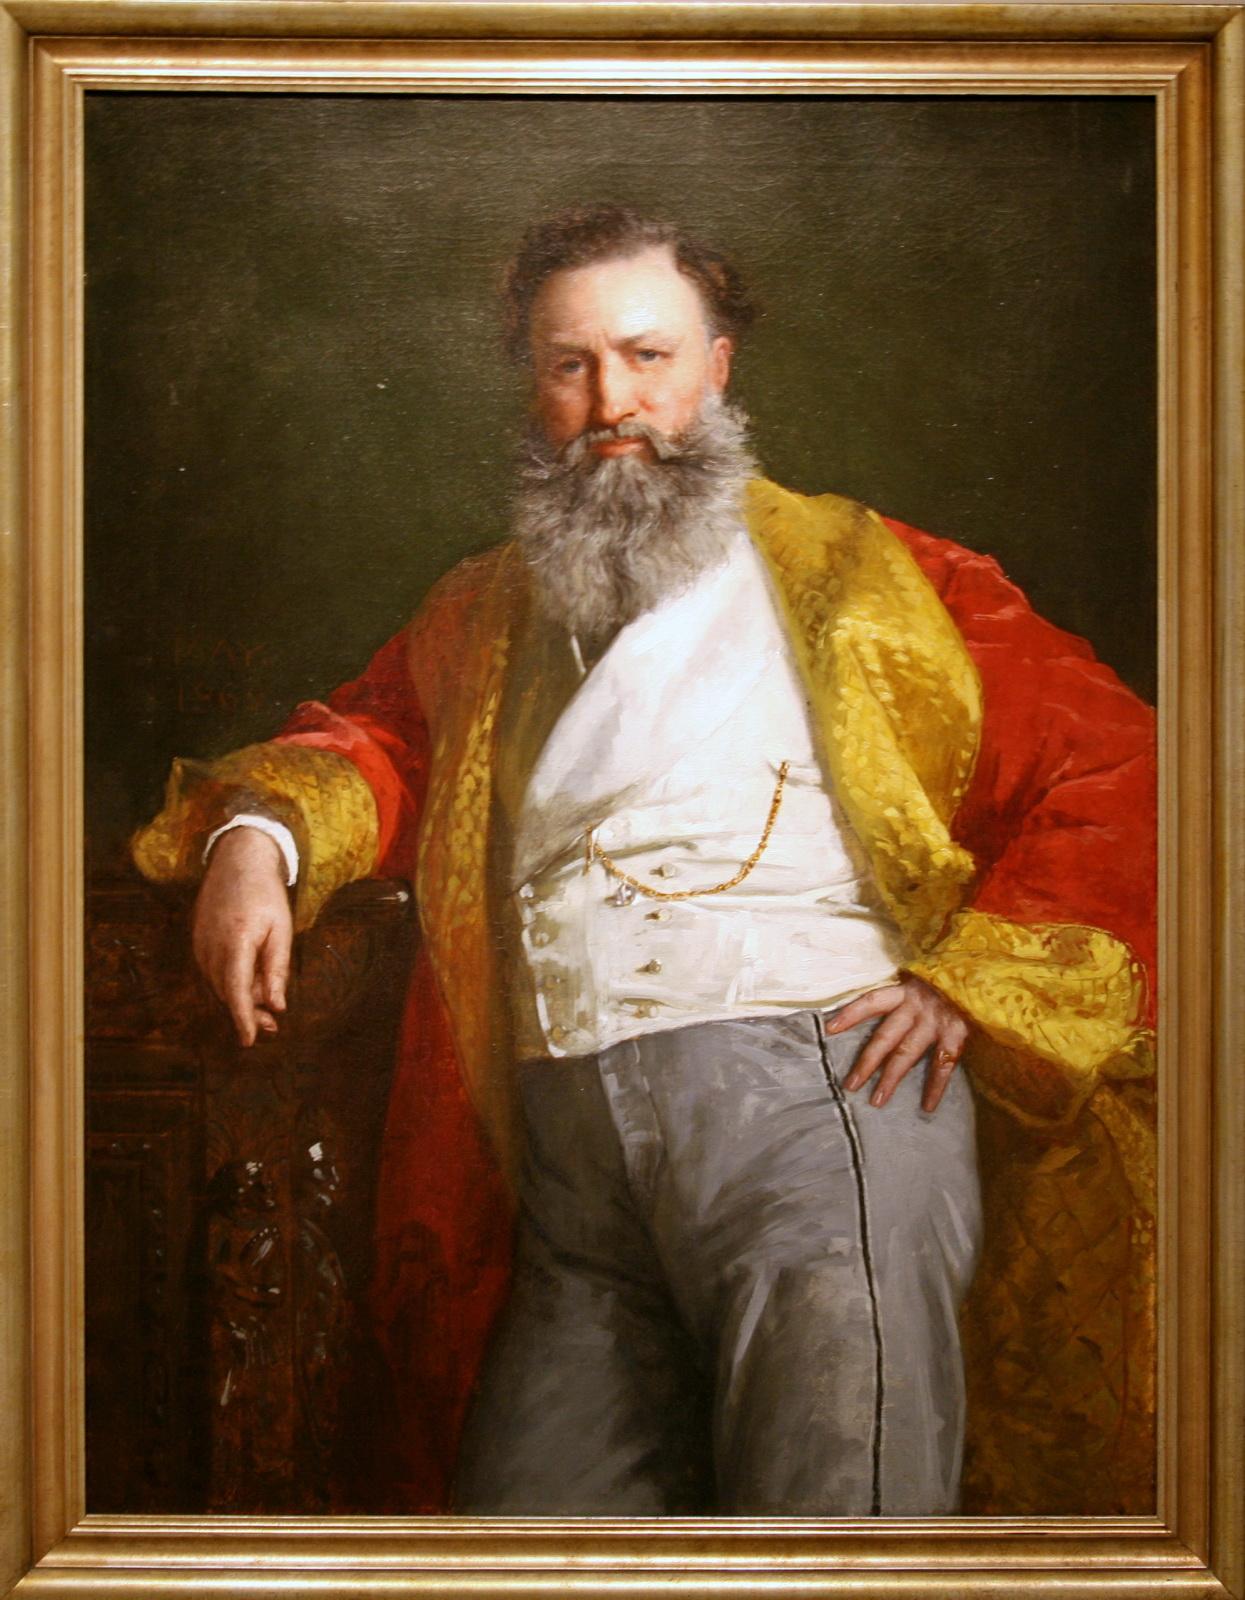 Singer, Isaac Merrit (1811-1875)